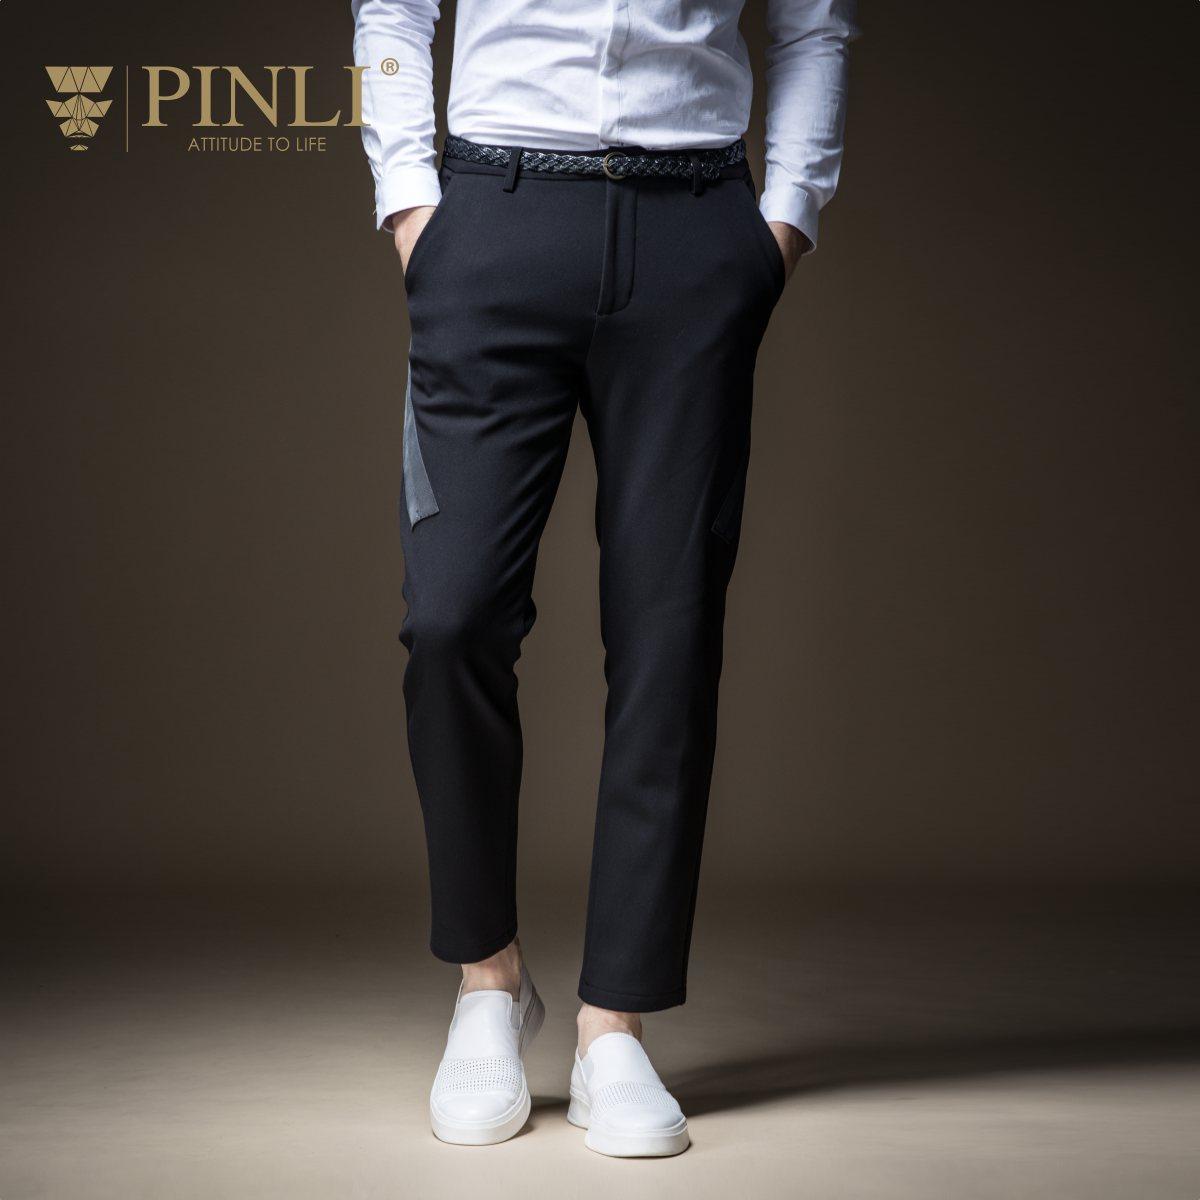 Pantaloni Degli Uomini di Vendita Pinli Prodotto a Base di Autunno 2018 dei Nuovi Uomini di Coltiva La Sua Moralità Per Il Tempo Libero Pantaloni B183517488 Velluto Ispessimento E Piedi